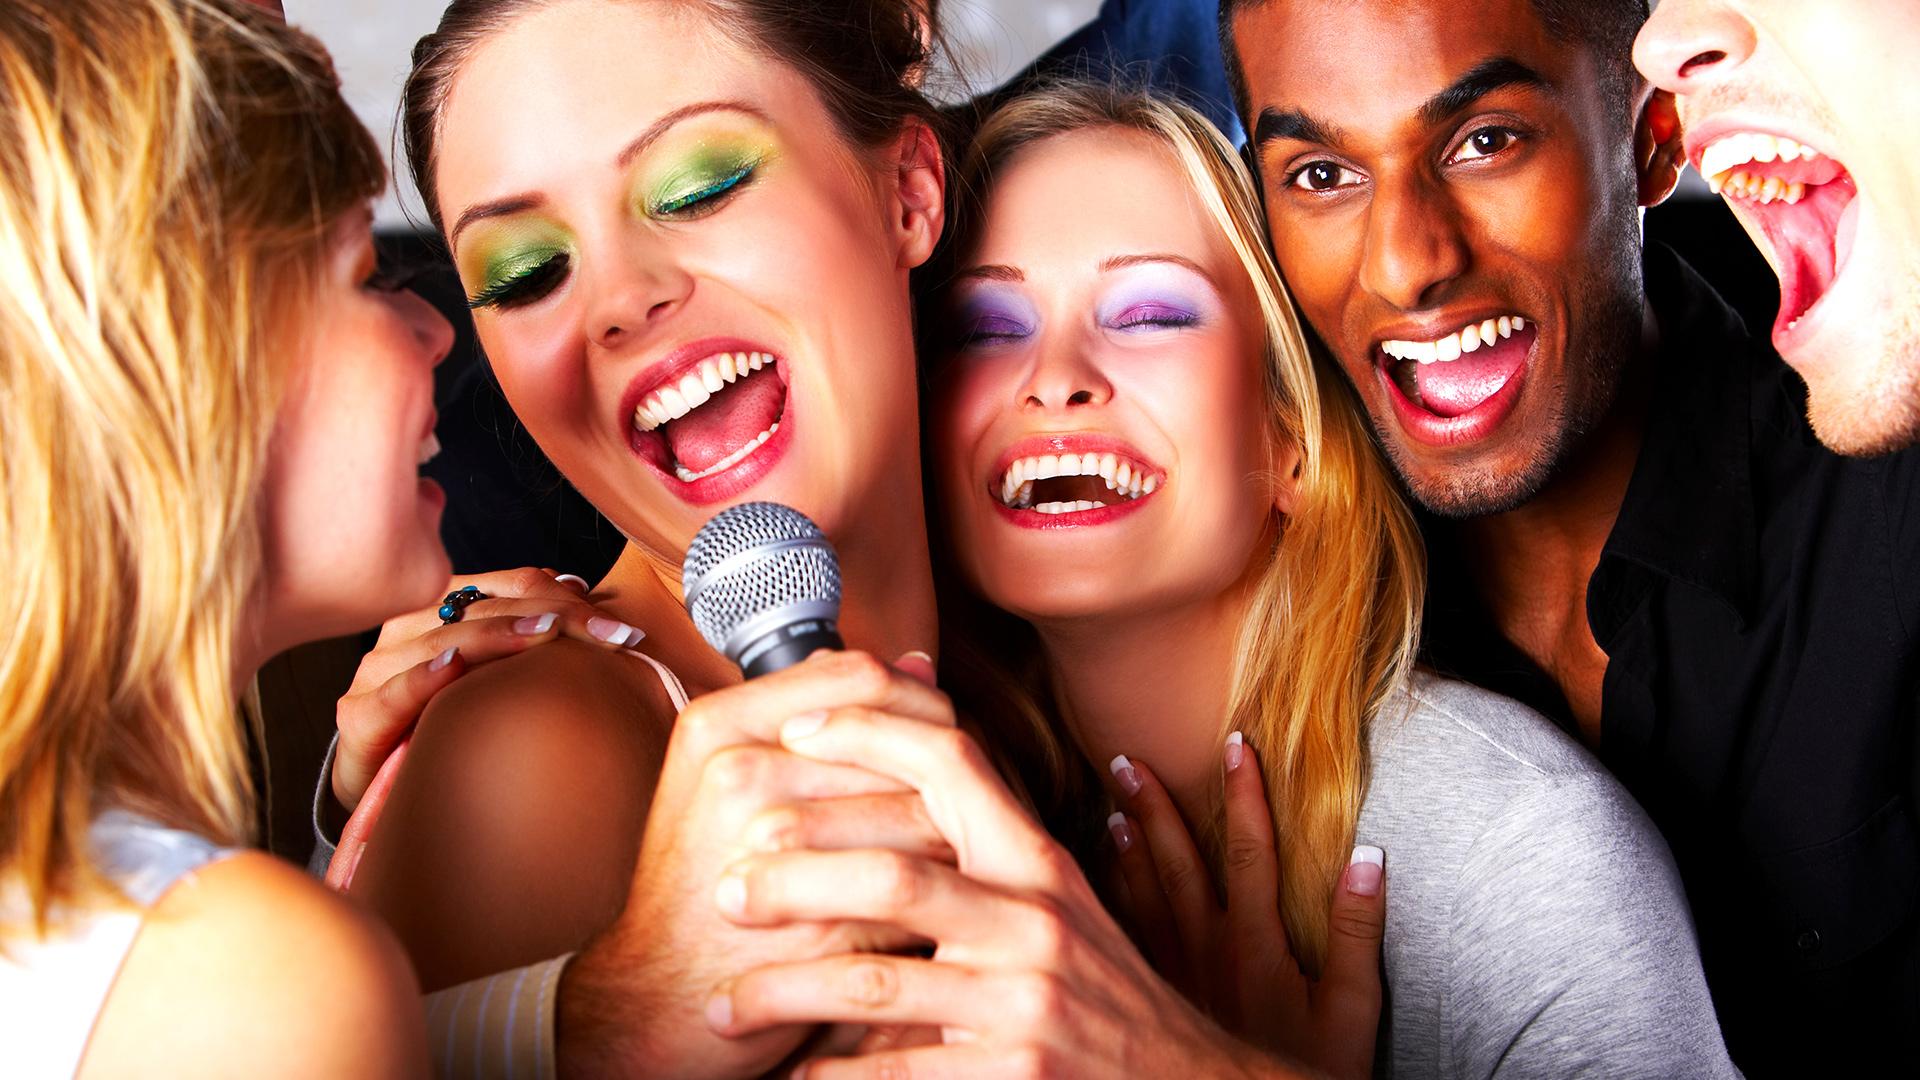 Фото вечеринок еро 19 фотография